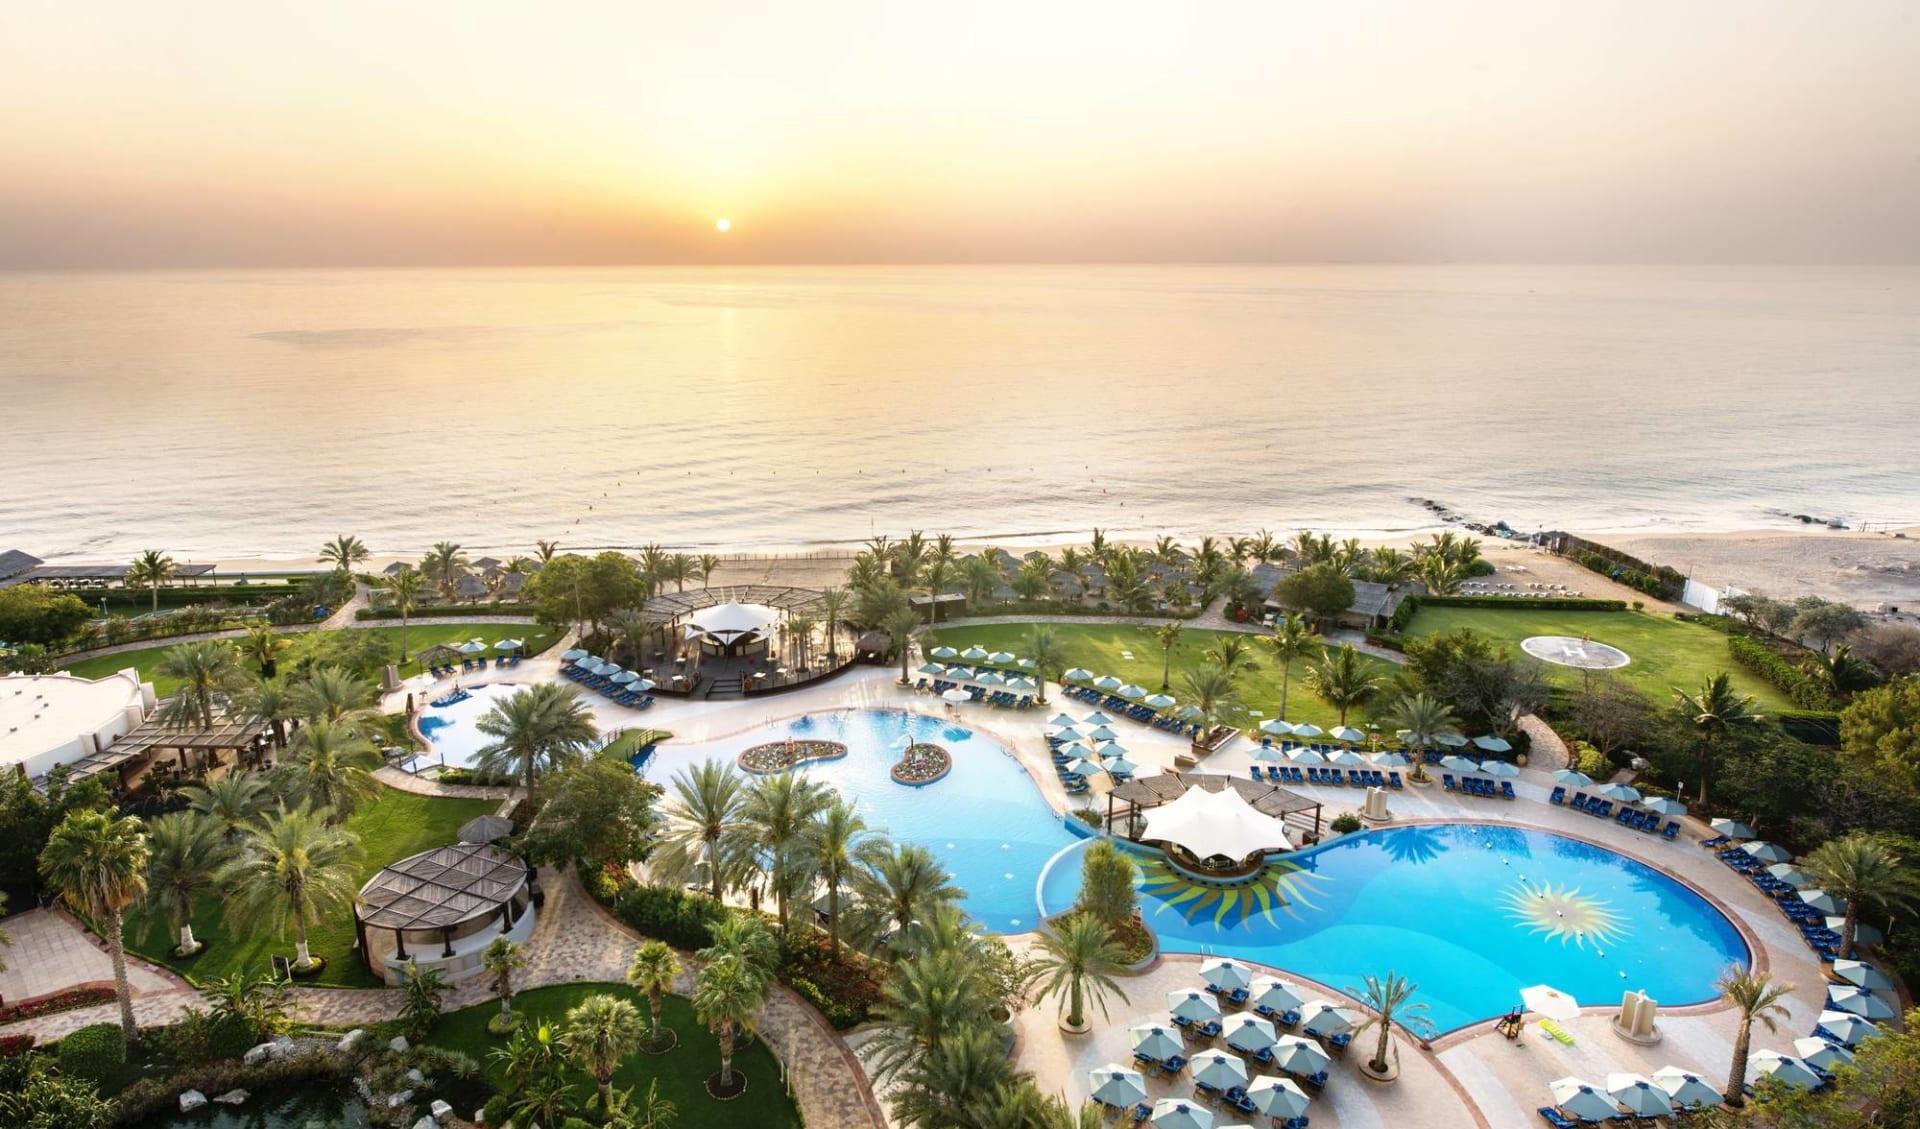 Le Meridien al Aqah Beach Resort in Fujairah: